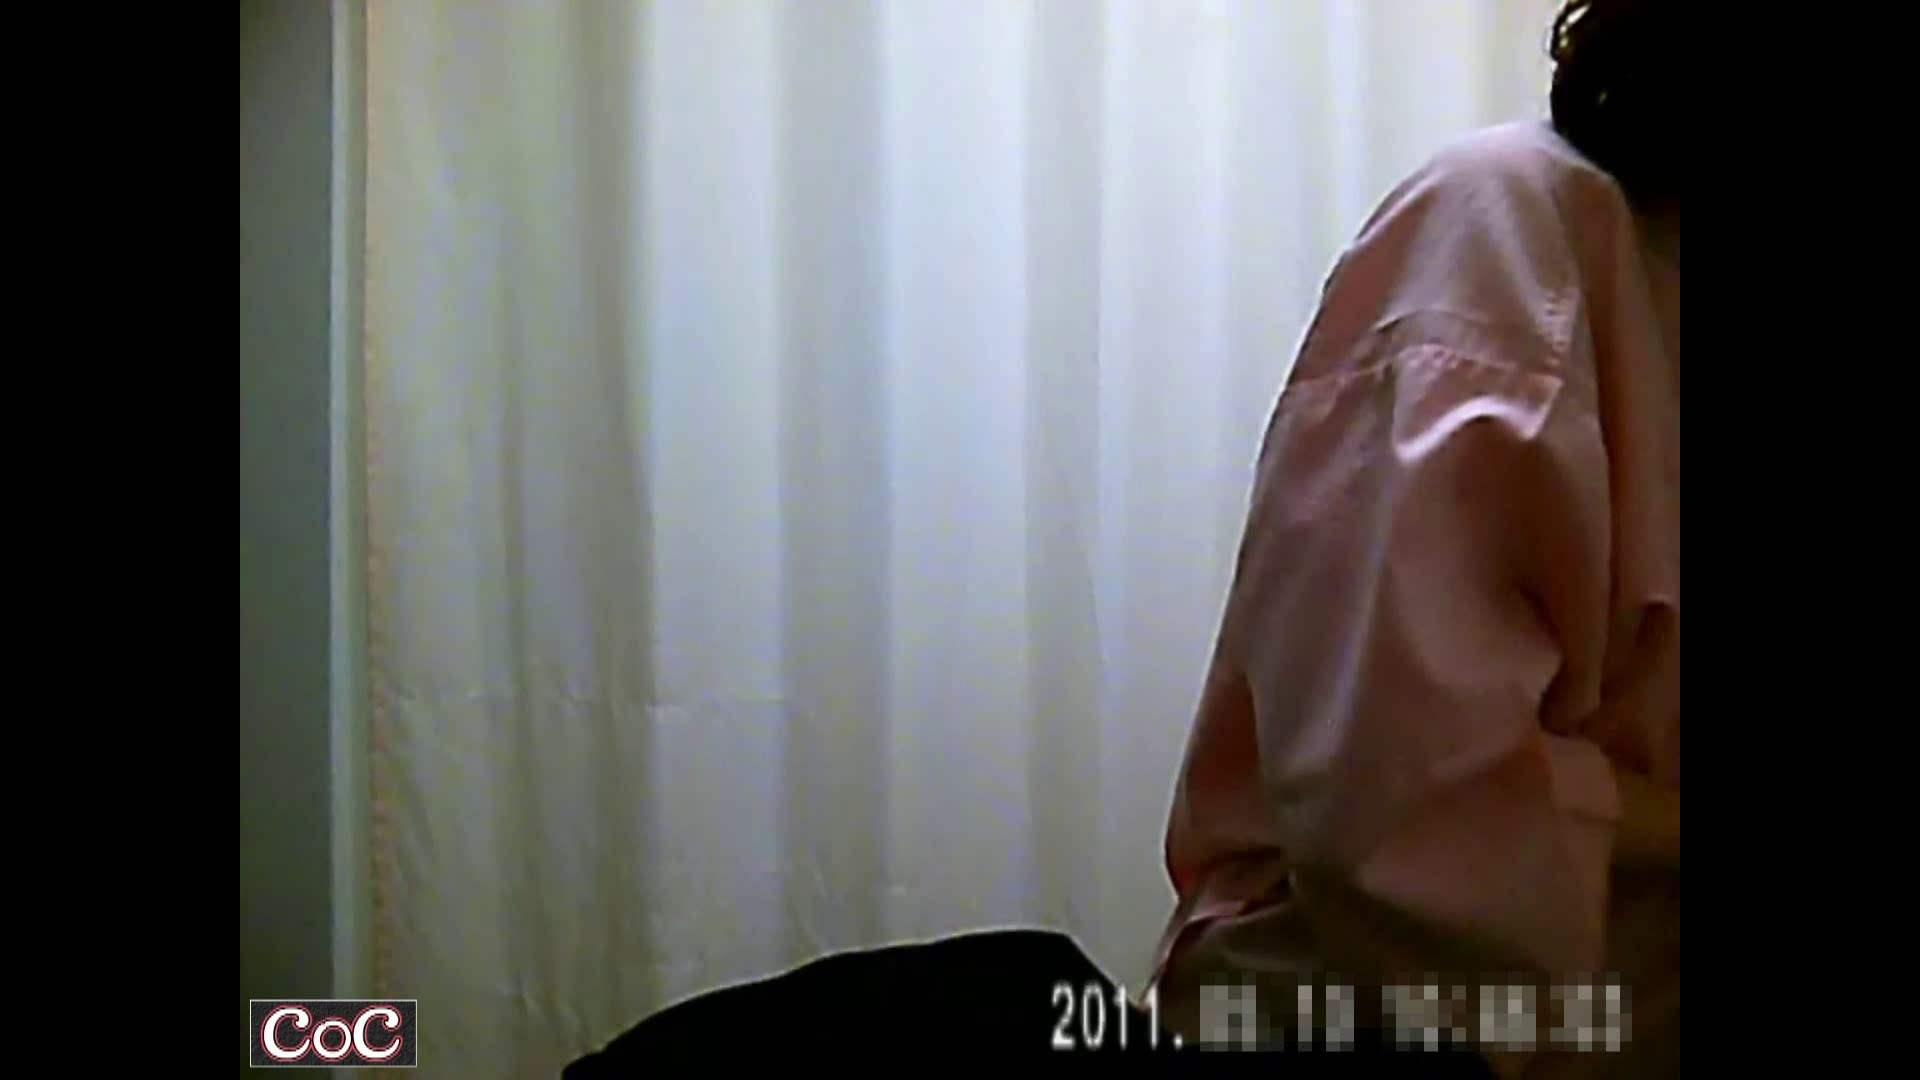 無料アダルト動画:元医者による反抗 更衣室地獄絵巻 vol.201:怪盗ジョーカー